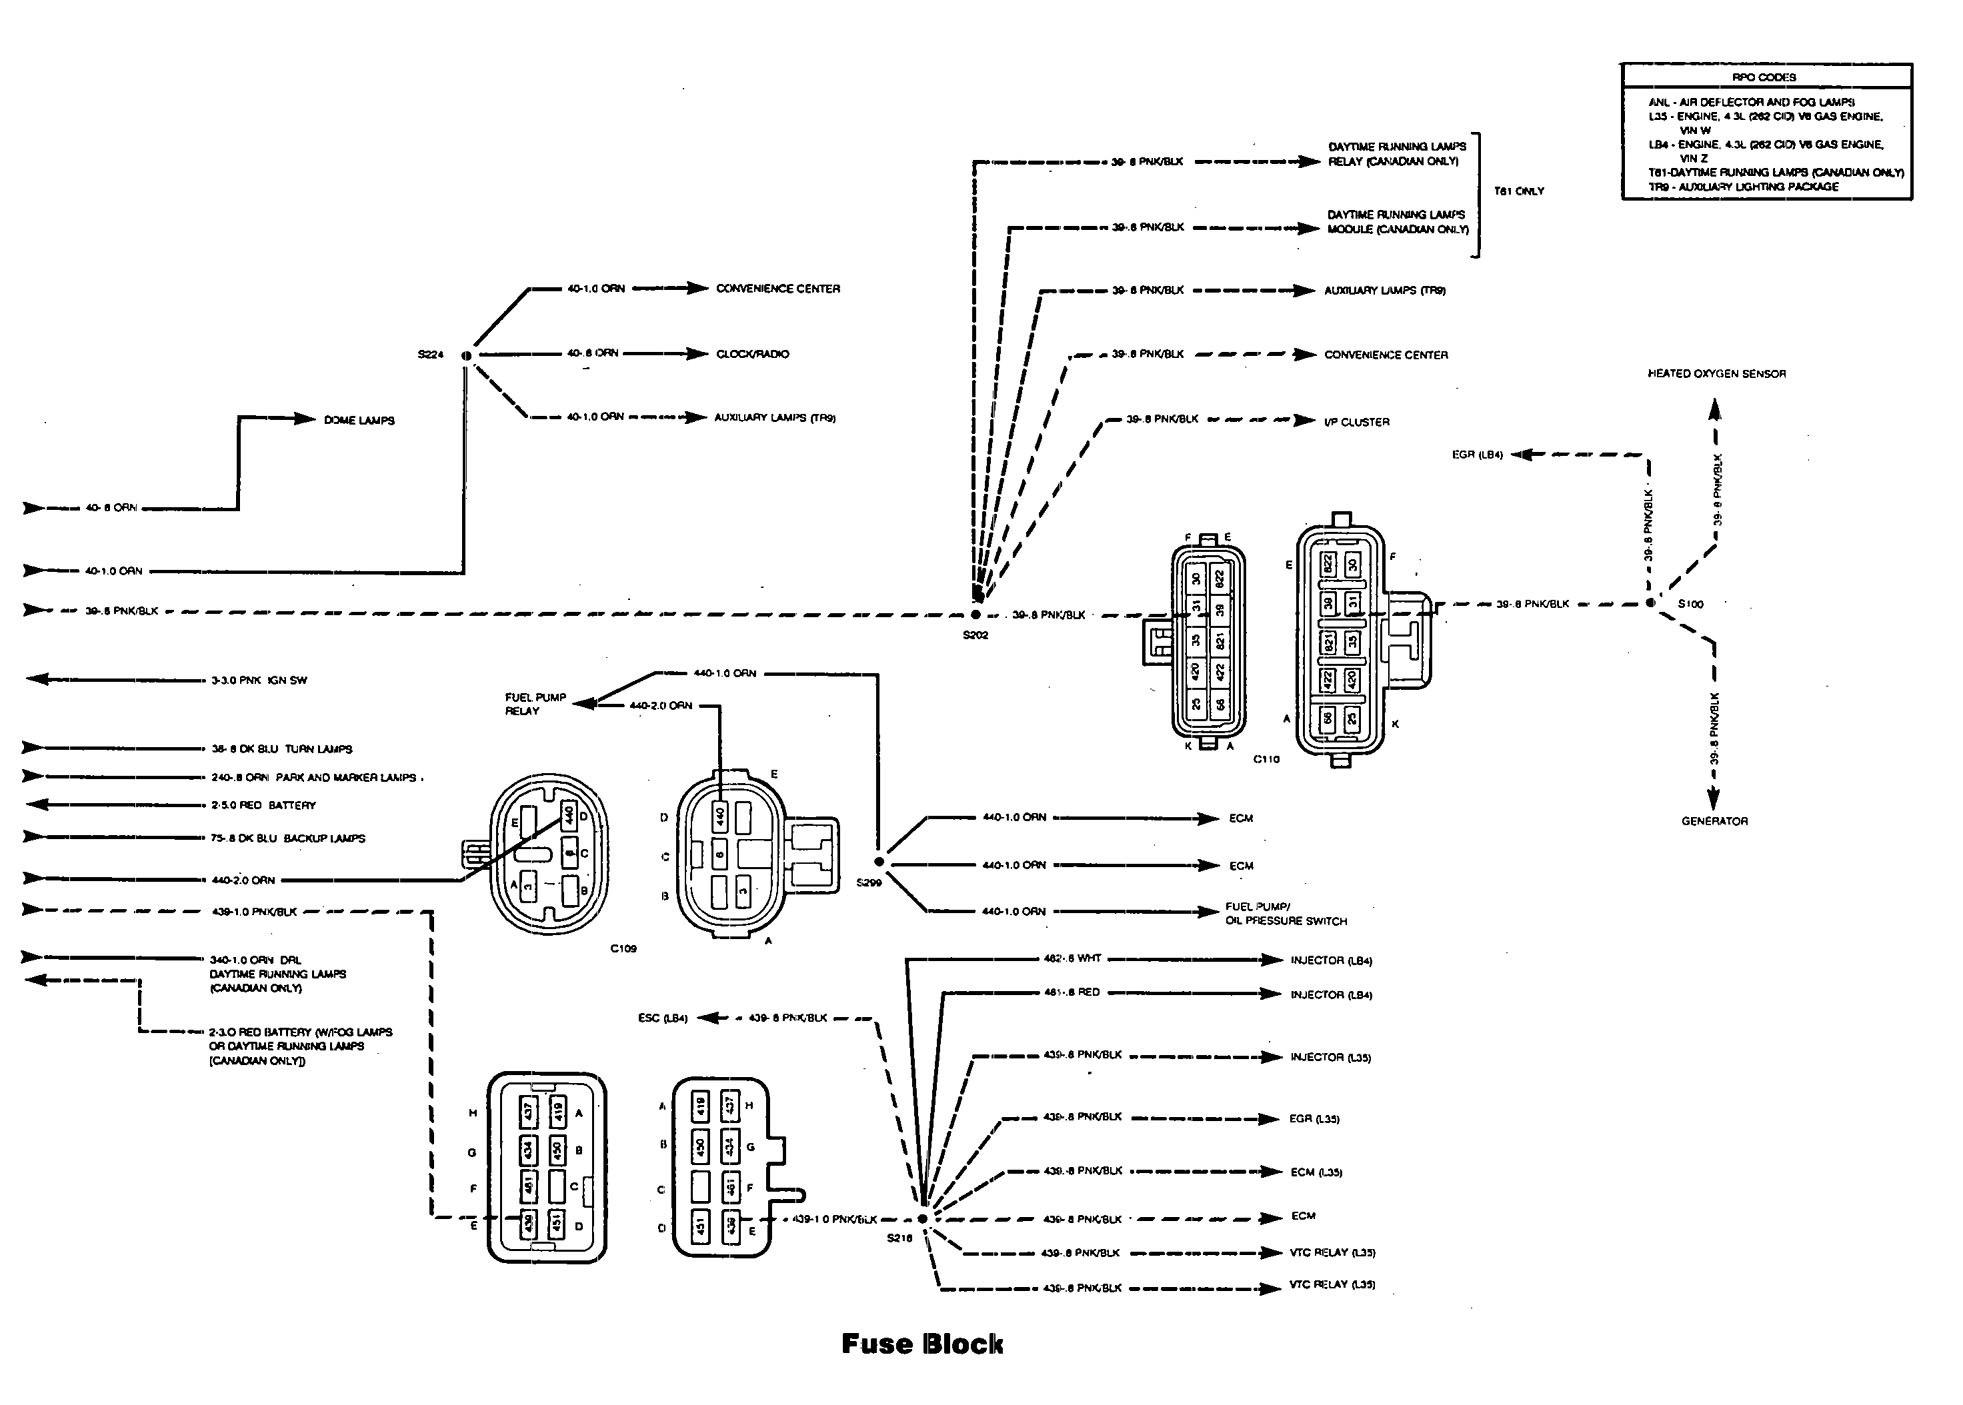 Fuse Box Diagram 97 Chevy Astro Van For